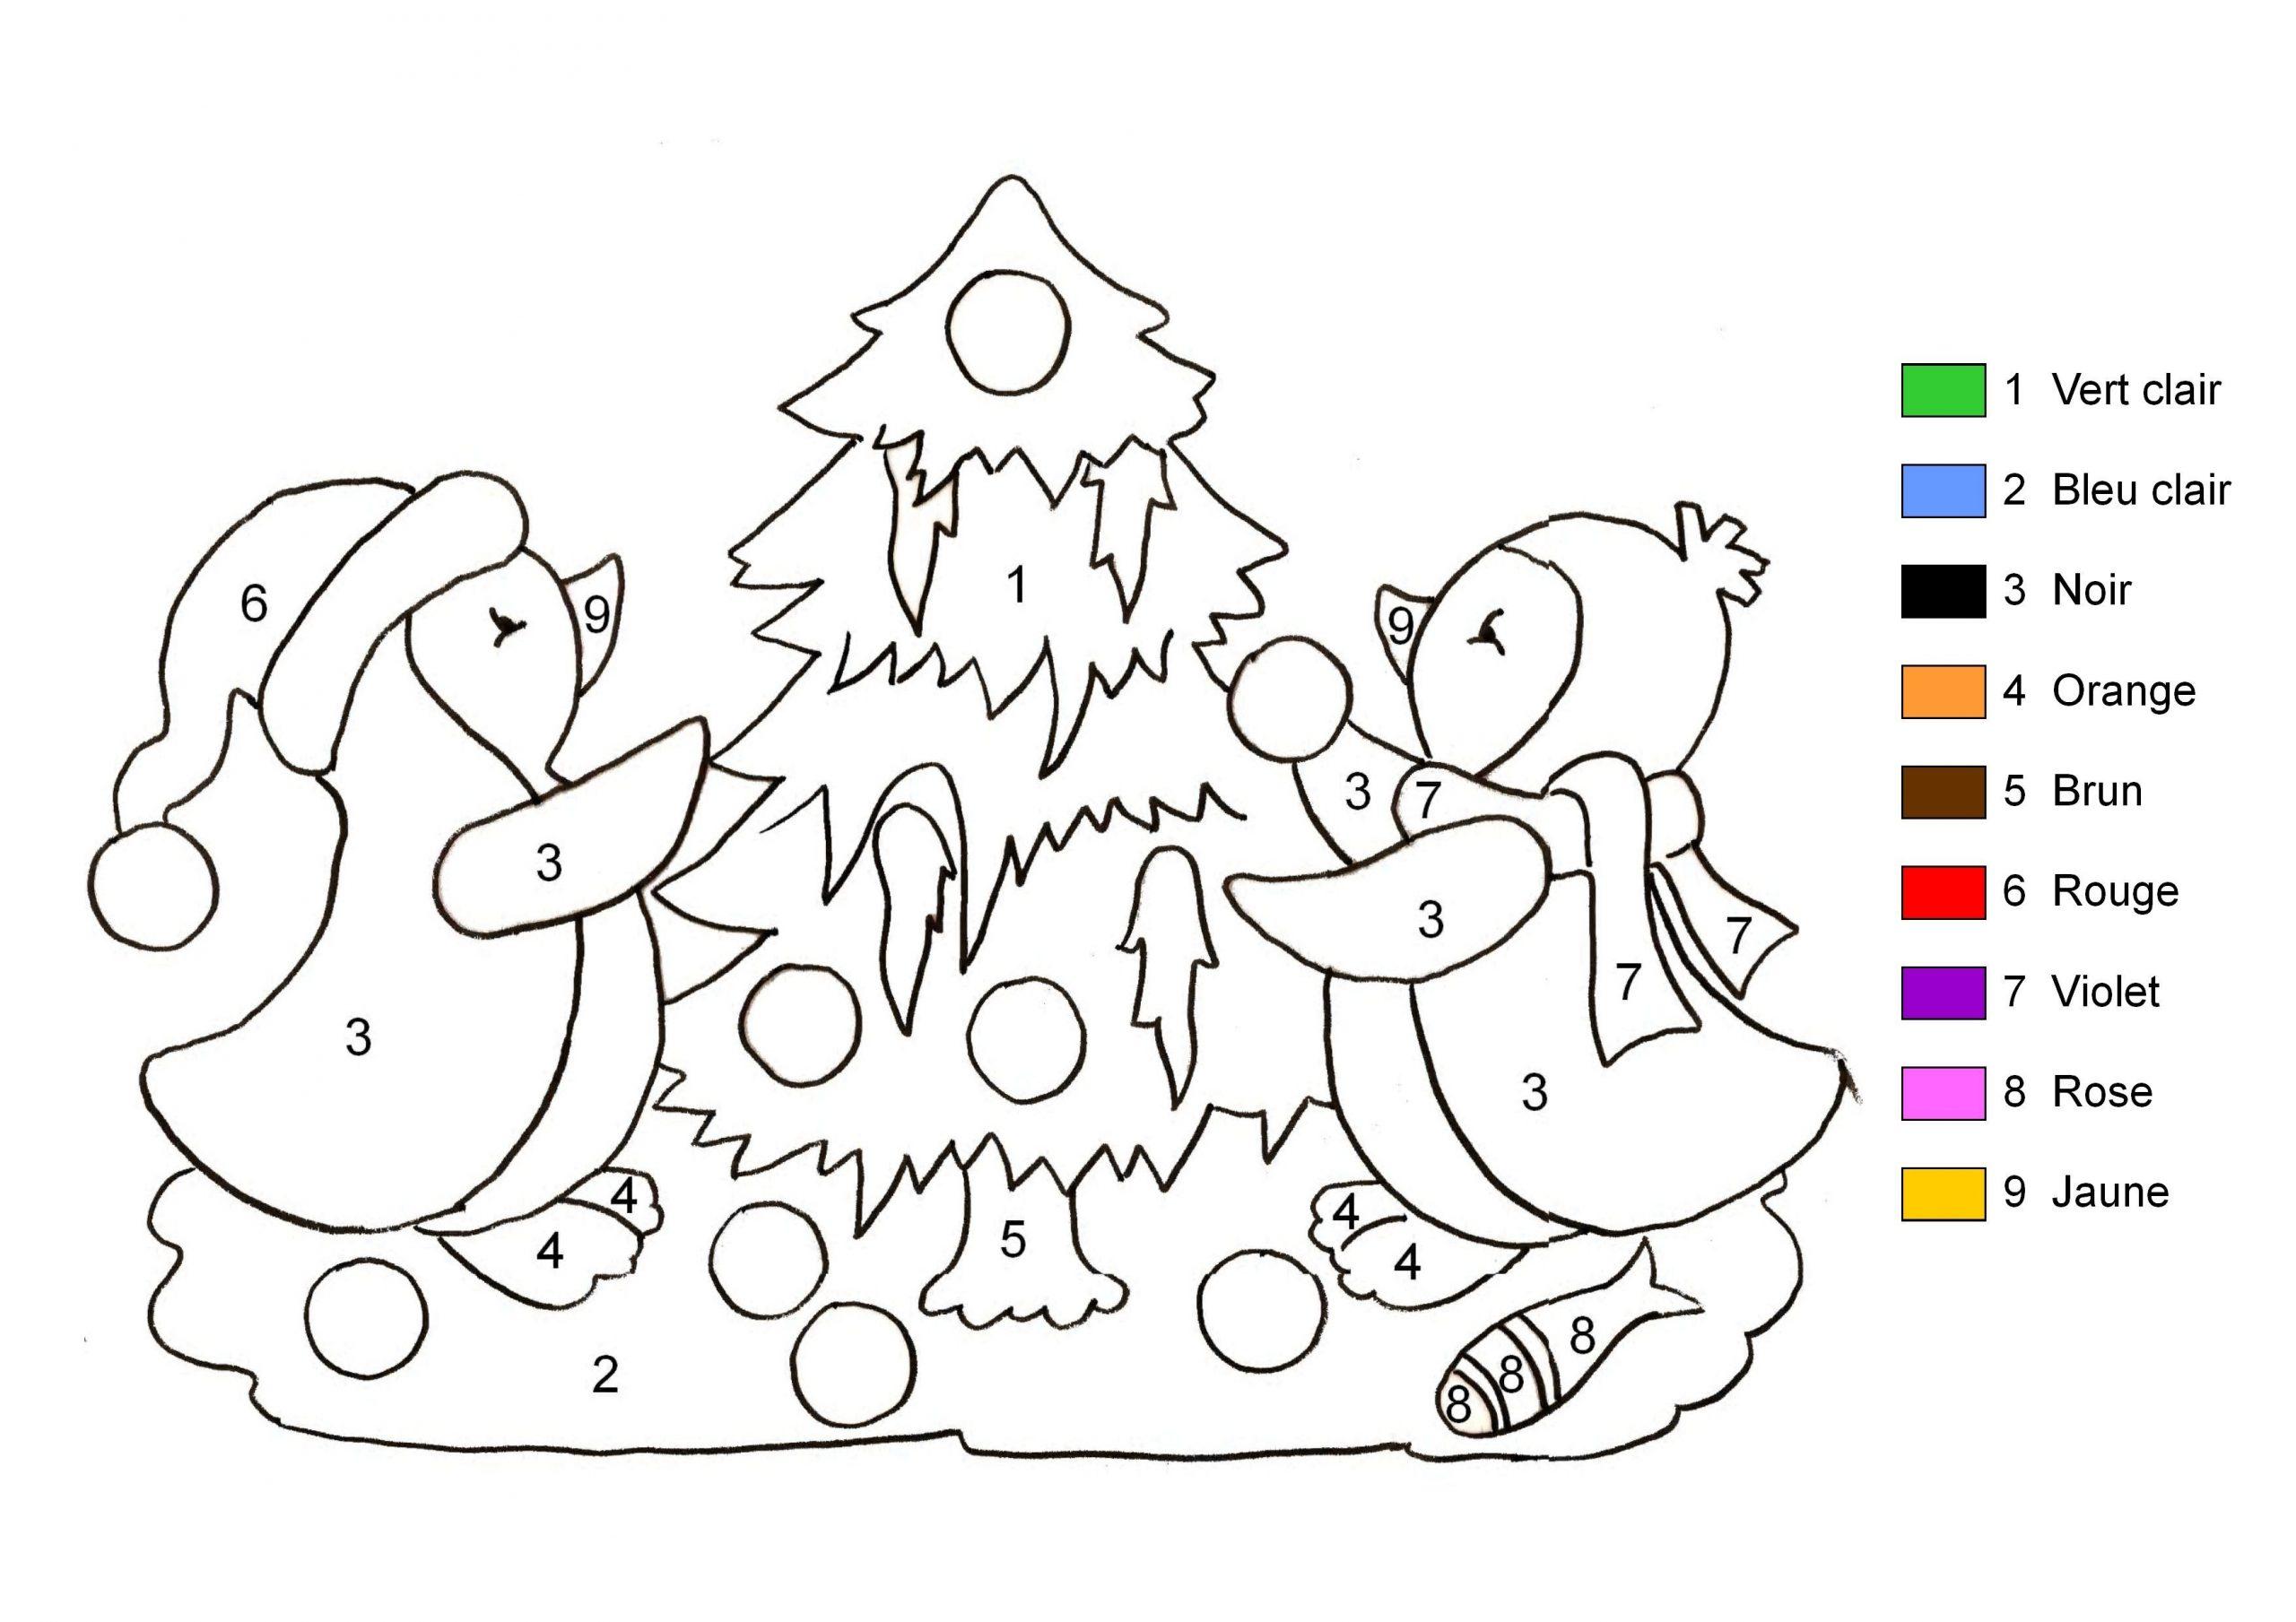 Coloriage Magique - Pingouins Et Sapin De Noël tout Coloriage Codé Noel